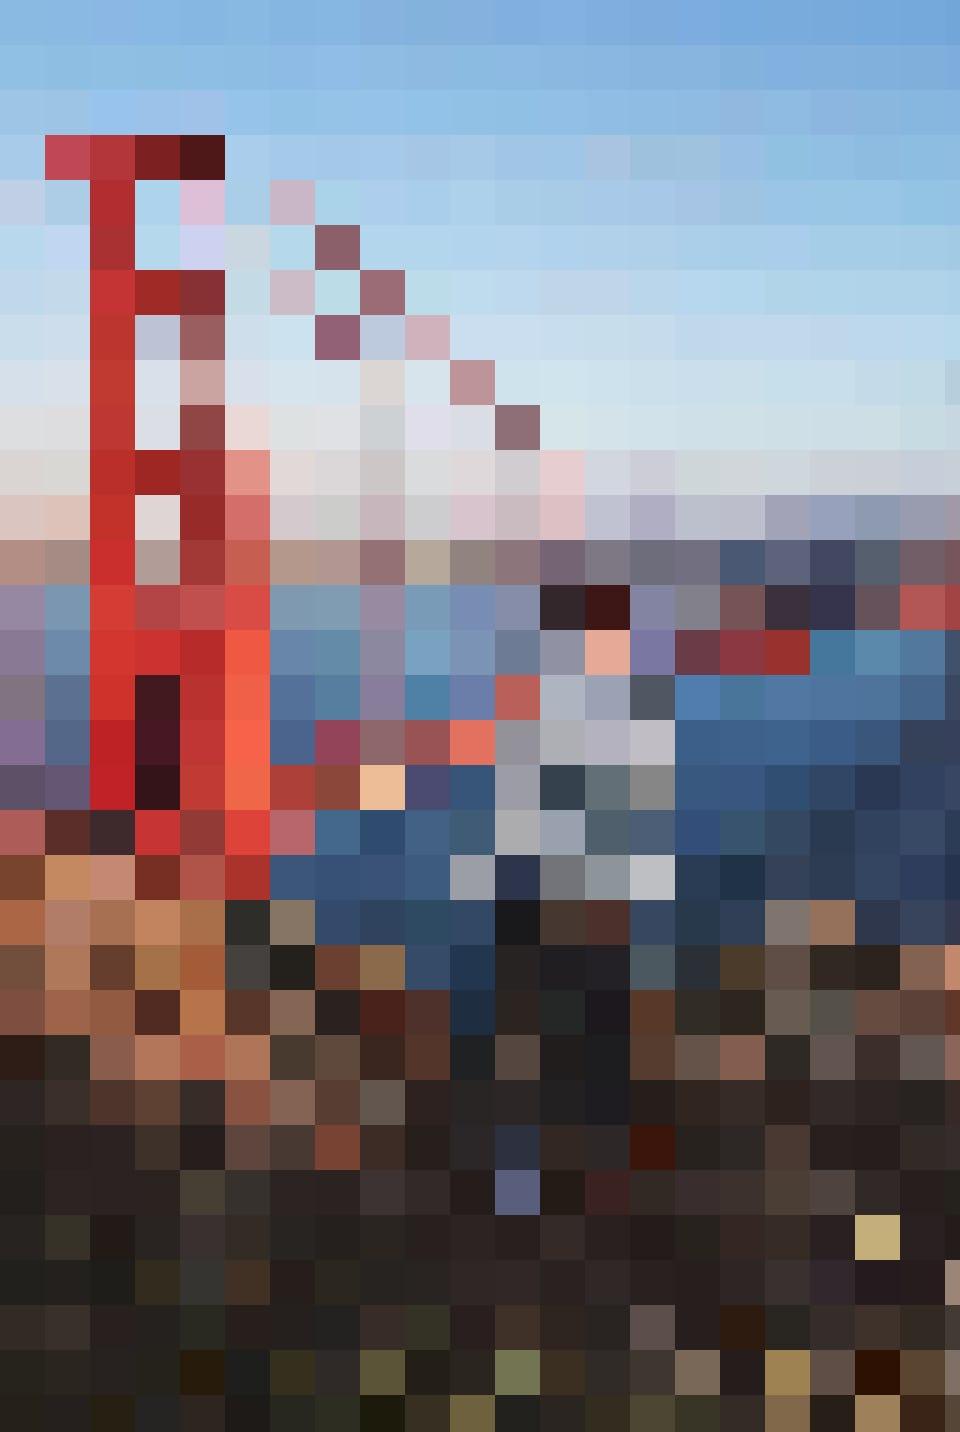 Das Jahres-Highlight von Baptiste Tachet: Die Golden Gate Bridge in ihrer ganzen Pracht.